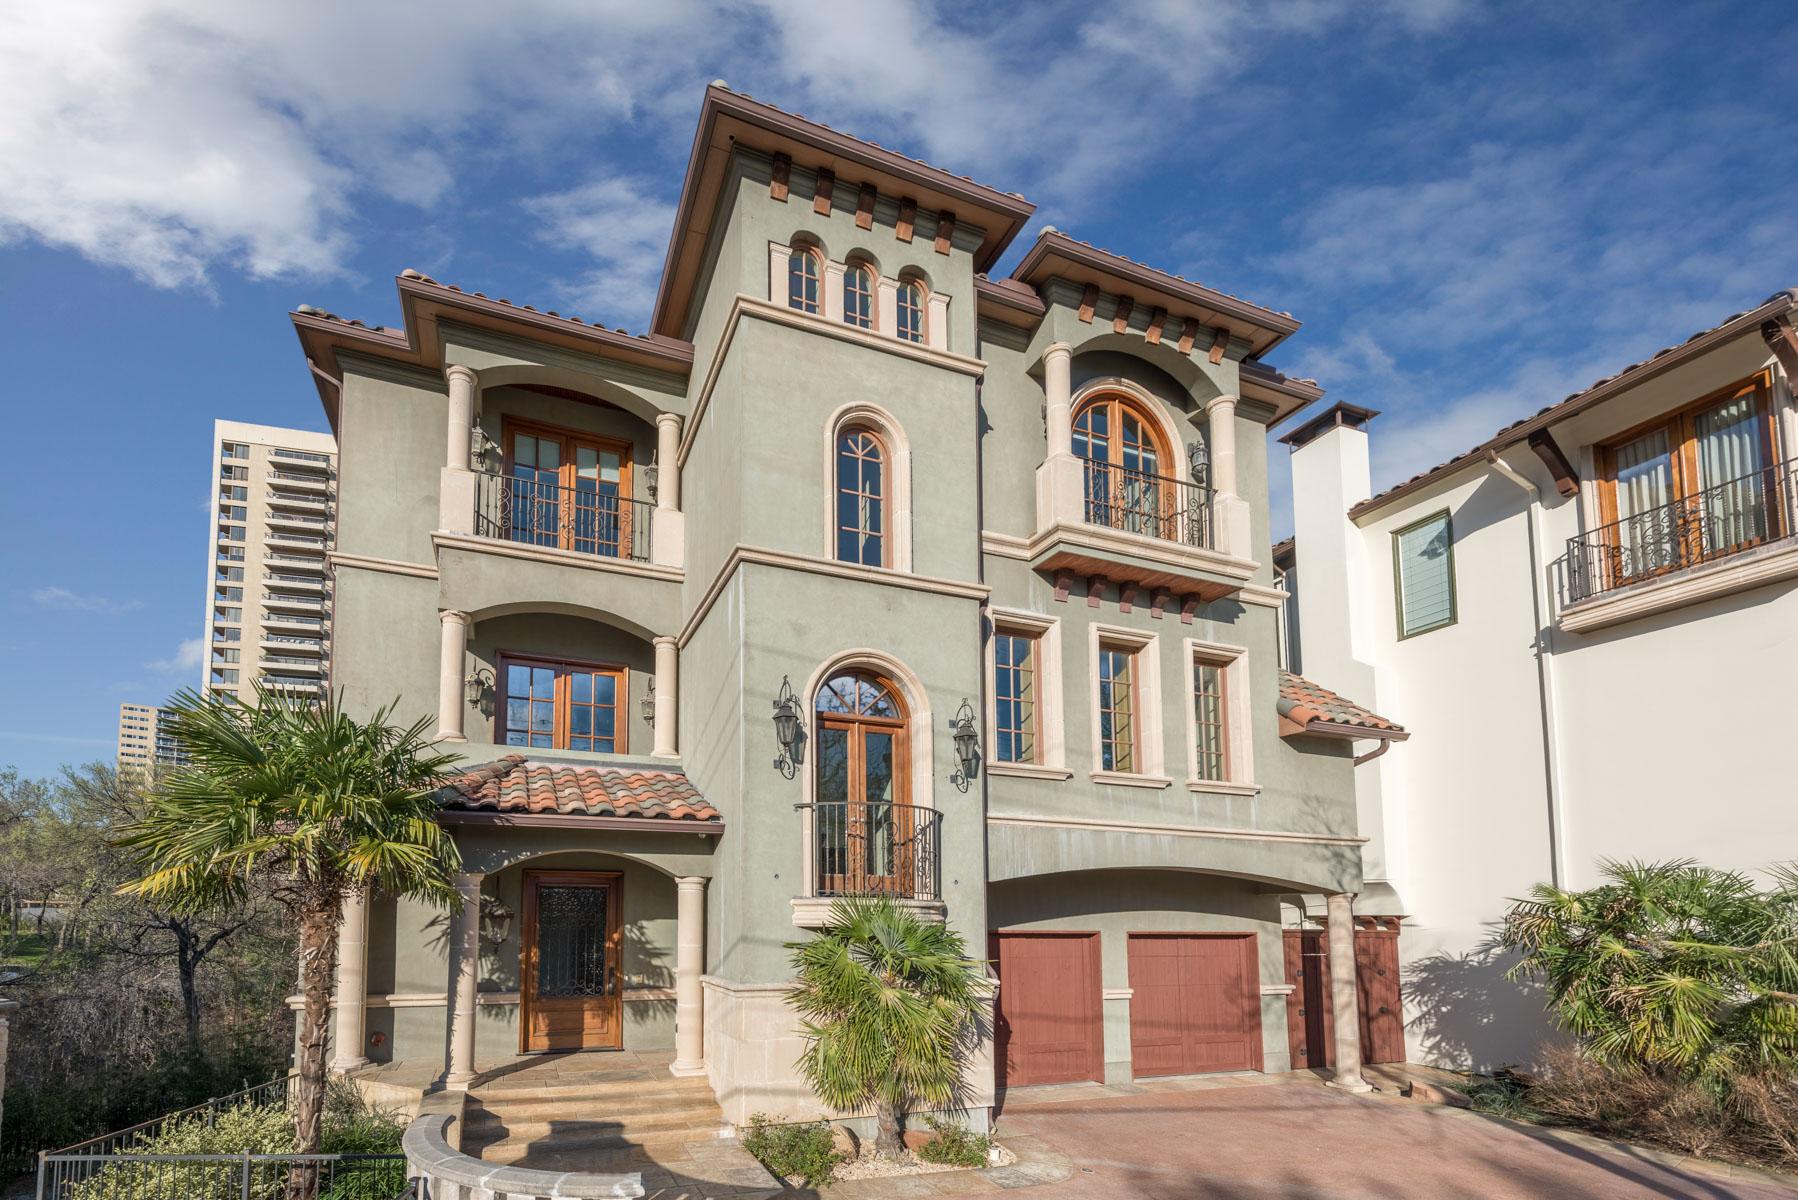 Residência urbana para Venda às Spacious Mediterranean Townhouse 3520 Blackburn Street Dallas, Texas, 75219 Estados Unidos